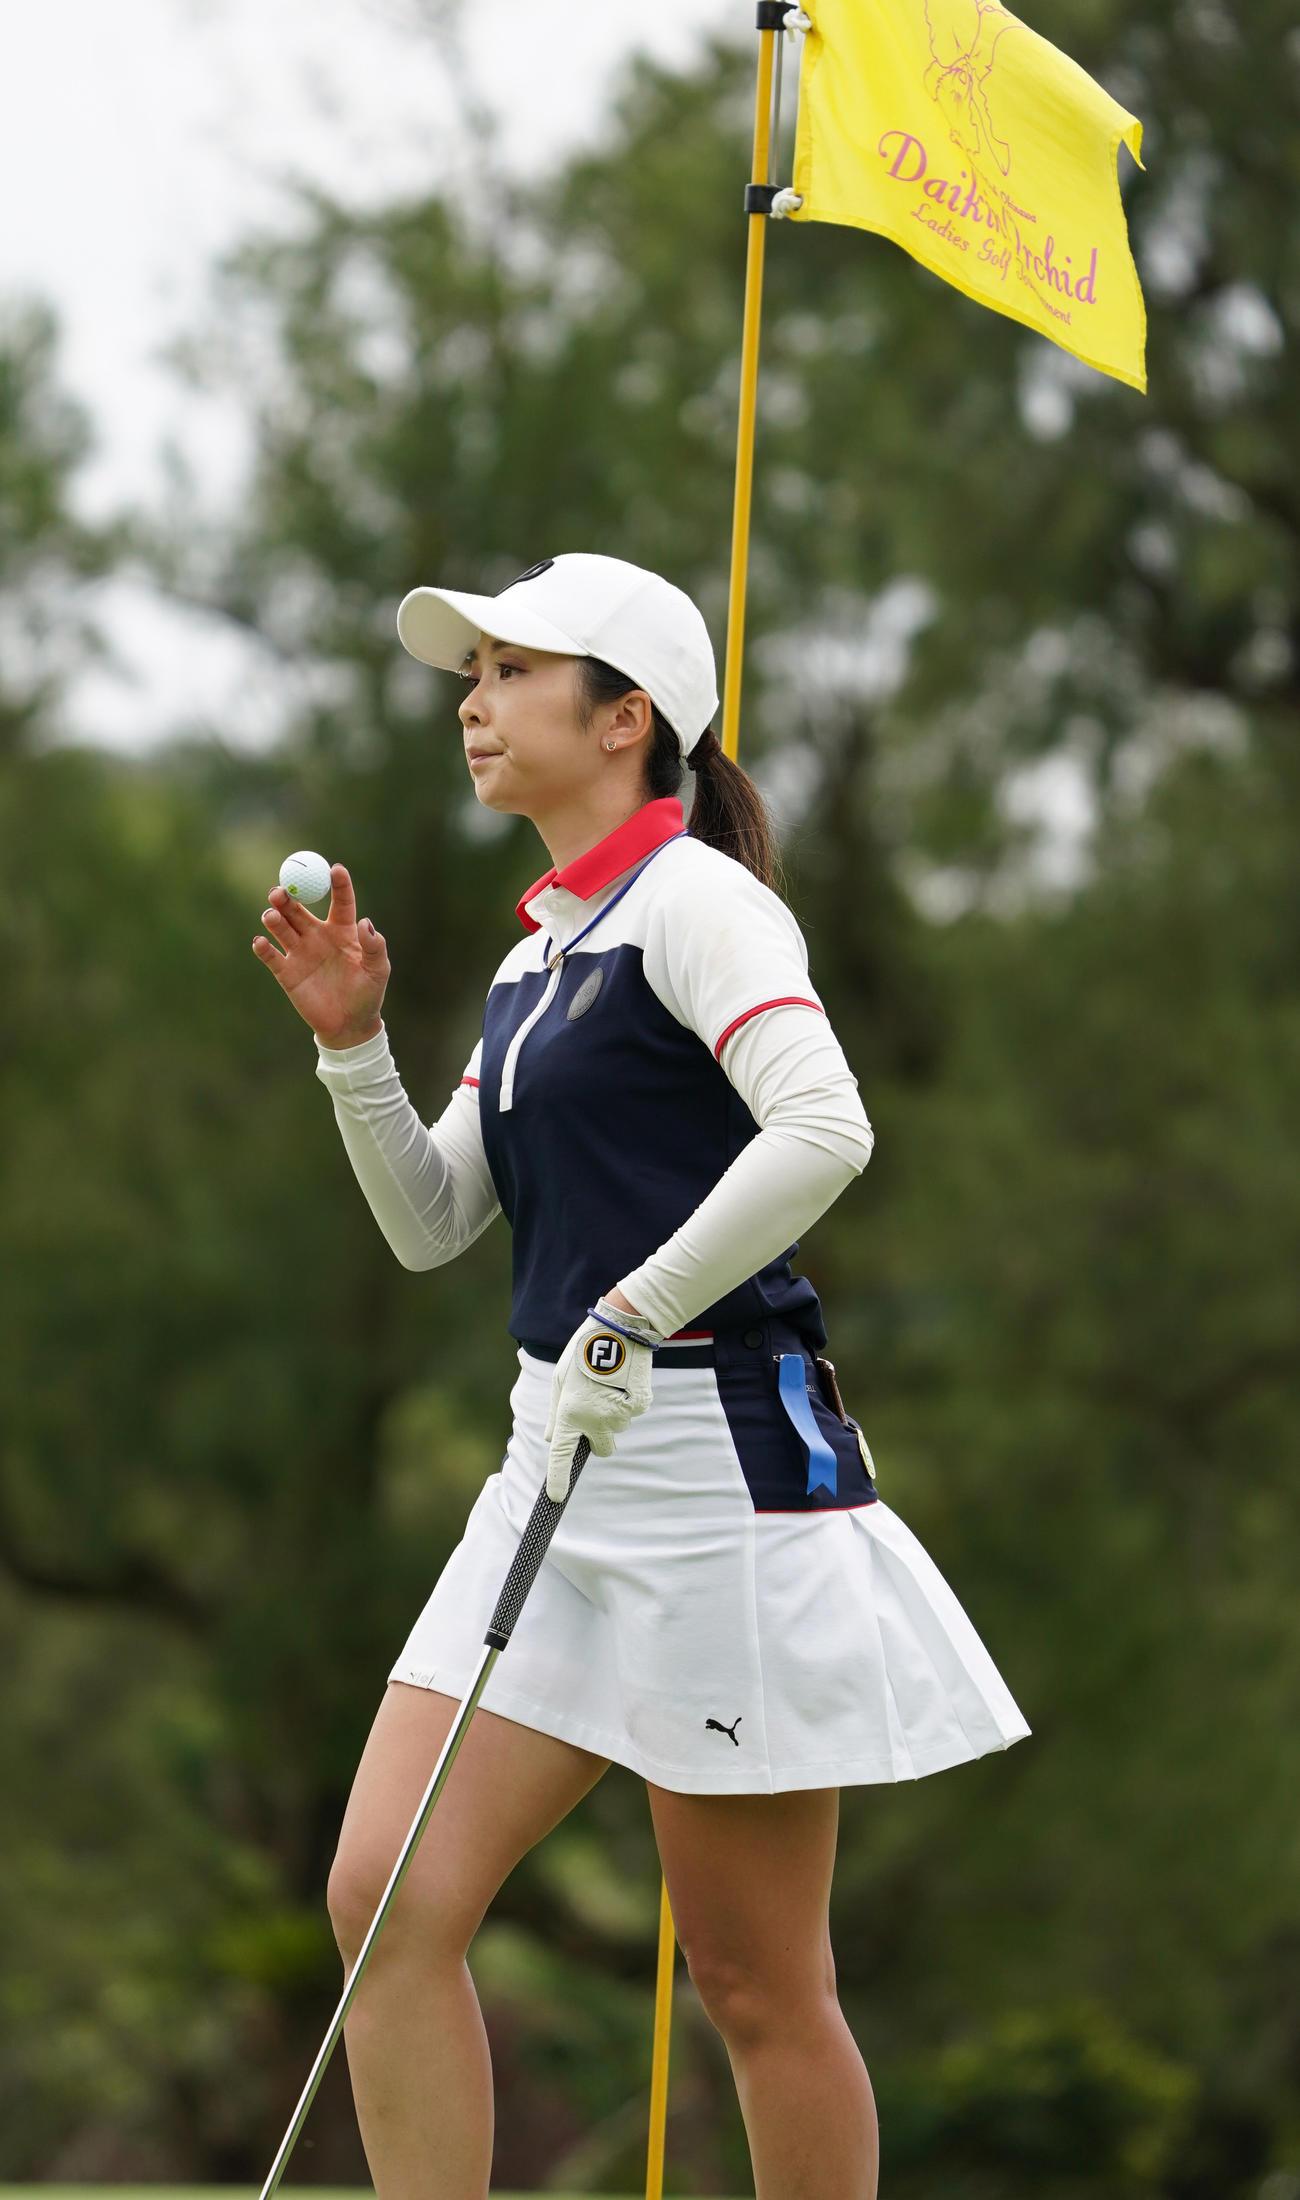 第34回ダイキンオーキッドレディスゴルフトーナメント第3日 4番、このホールパーとする菊地絵理香(撮影・清水貴仁)=2021年3月6日、琉球GC